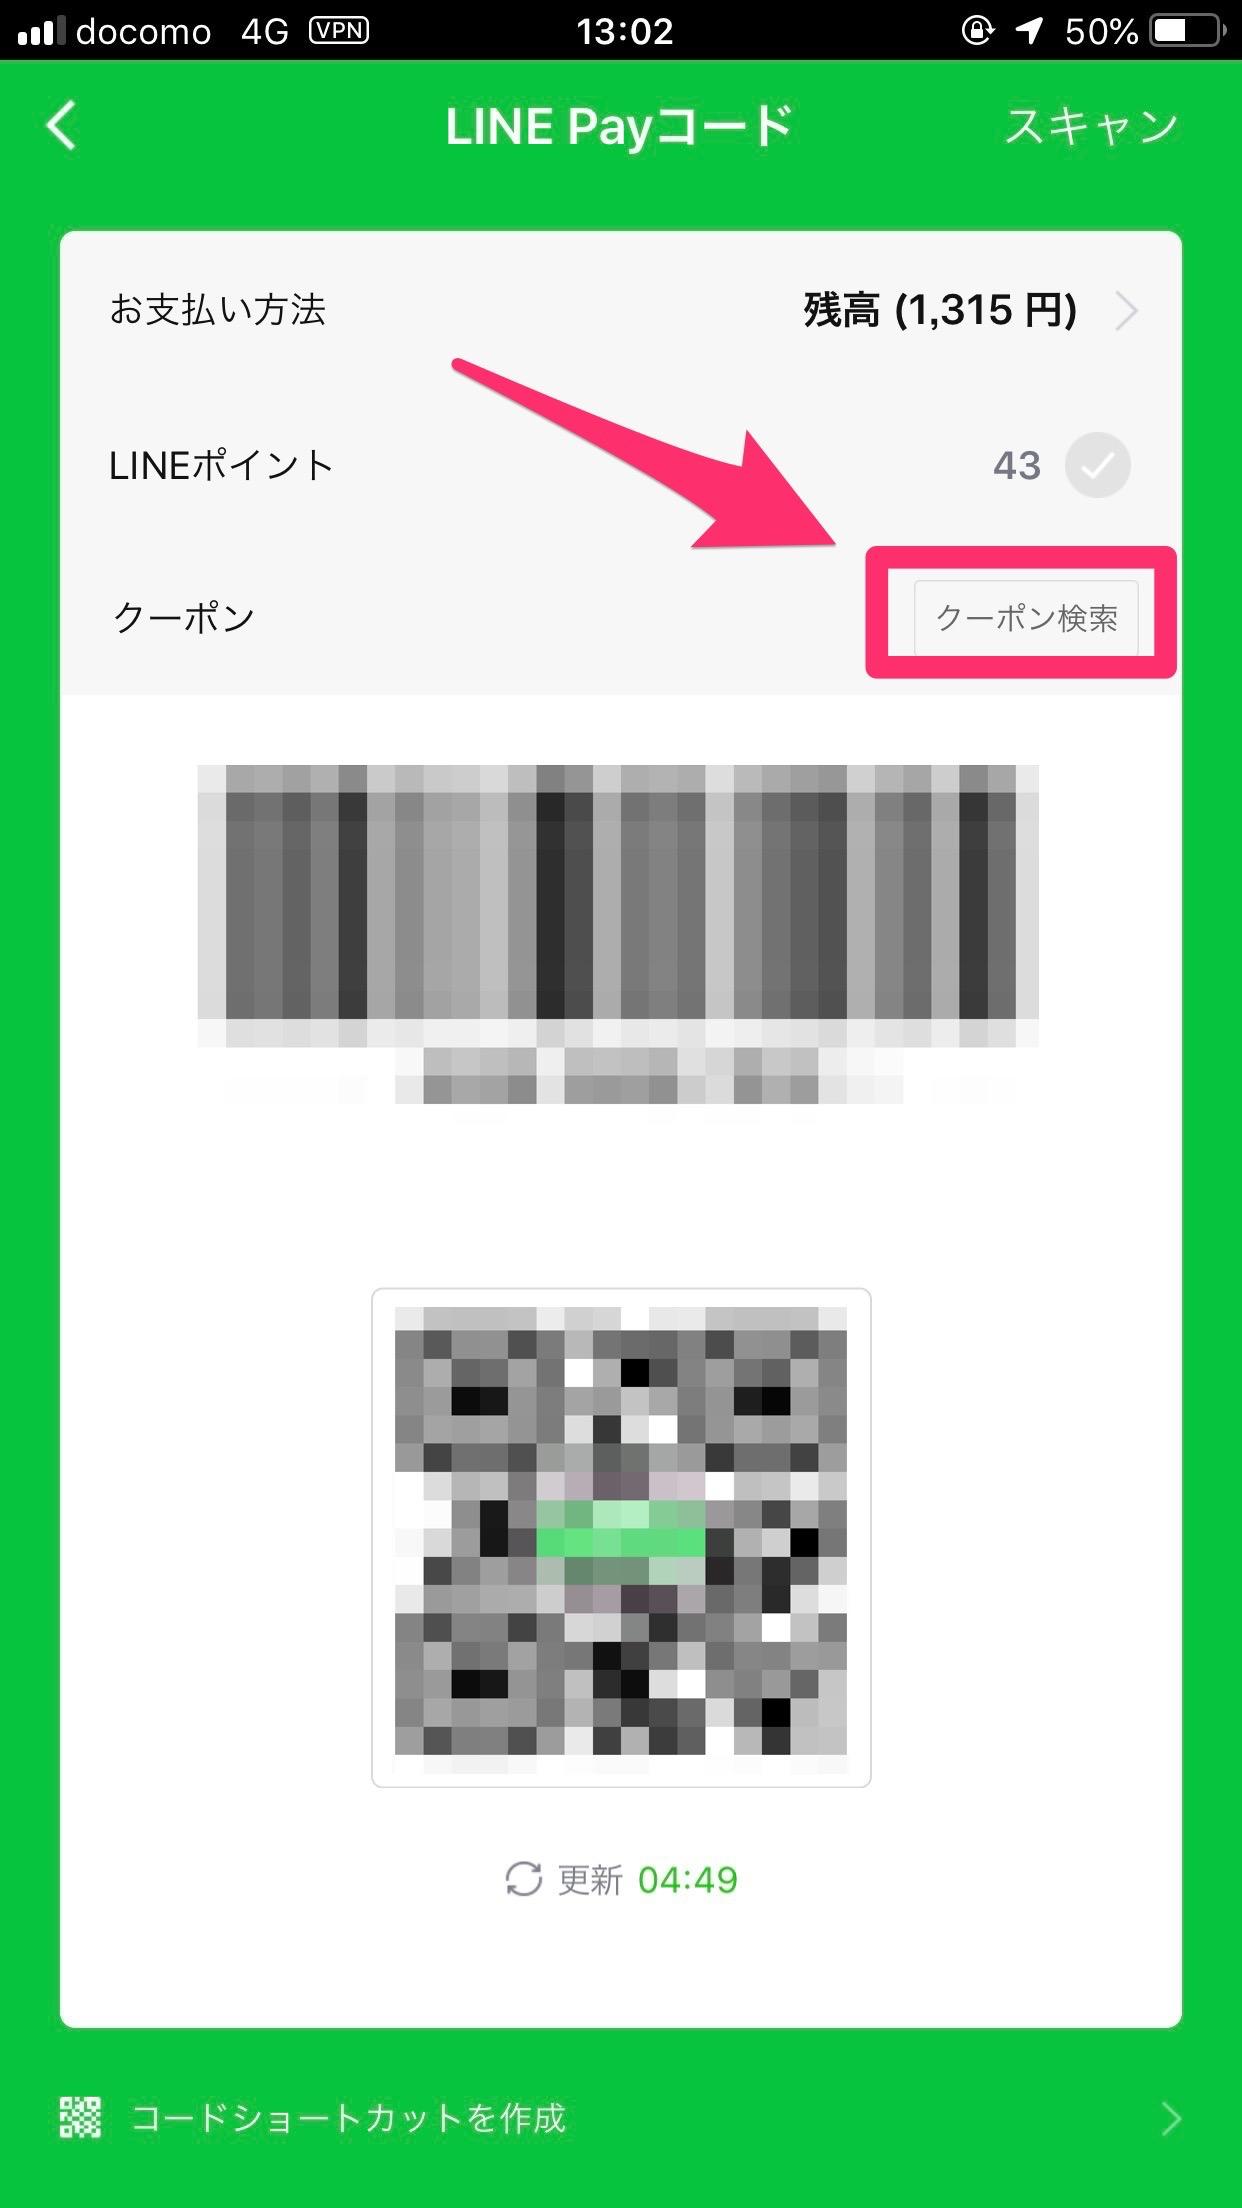 【LINE Pay】「マイクーポン」の使い方 1